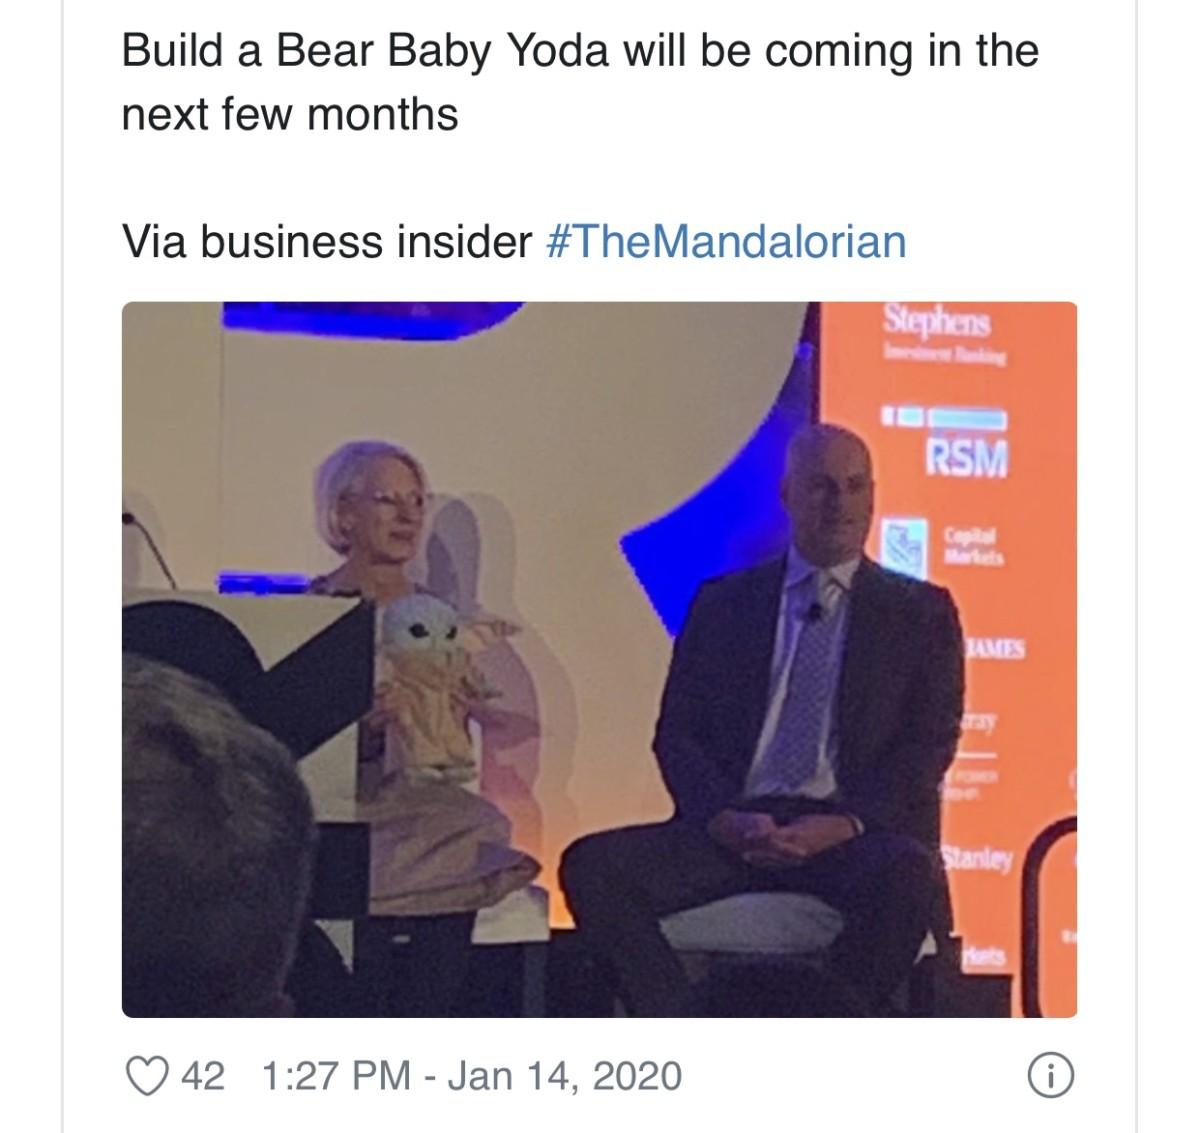 Build-A-Bear to Release a Baby Yoda Plush 3